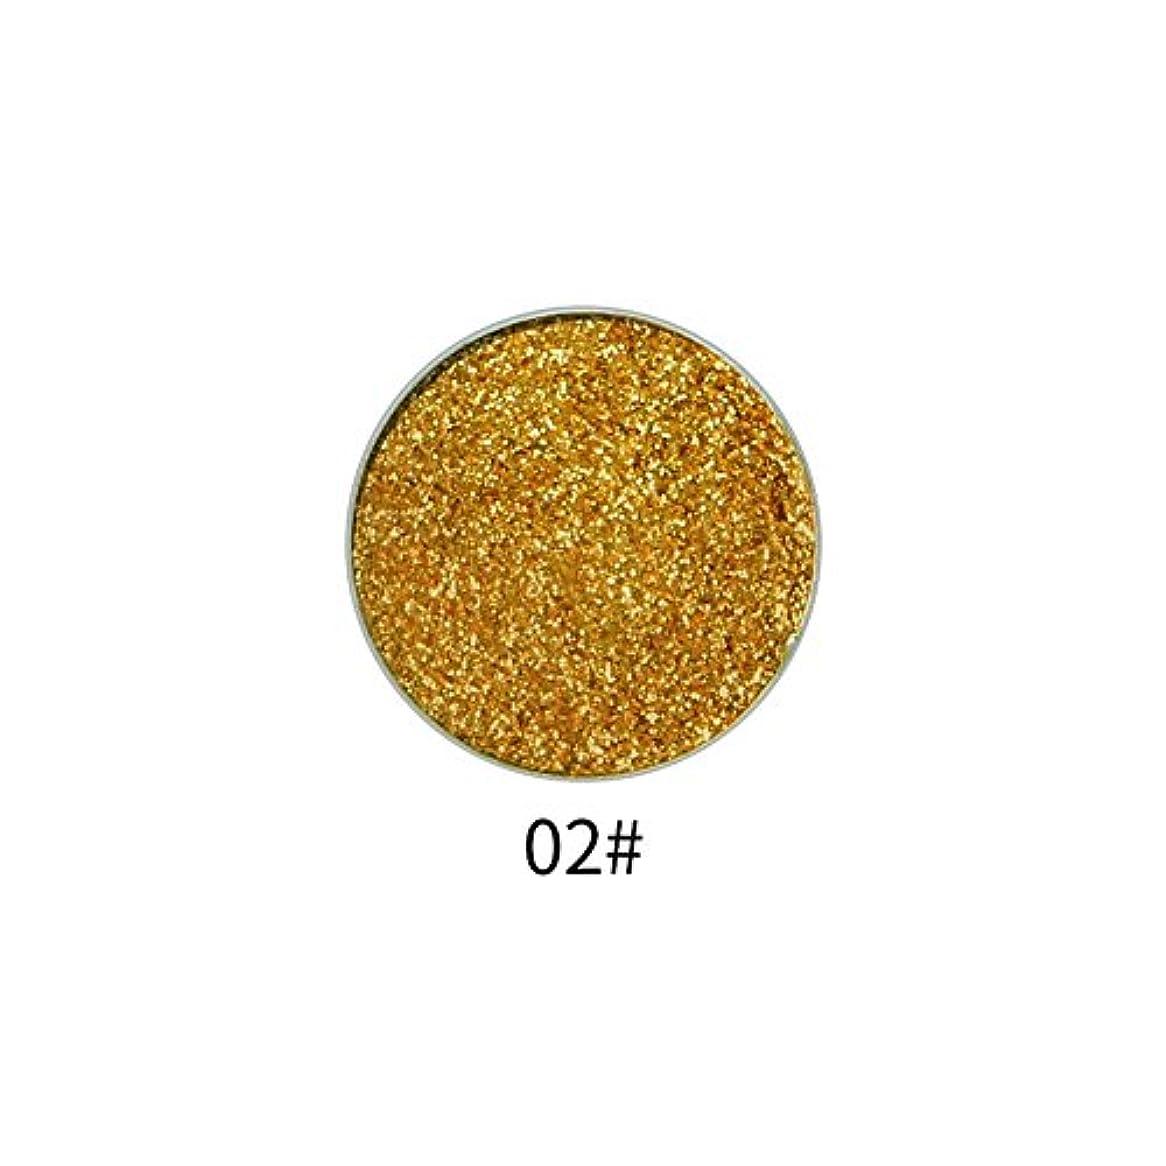 簿記係権限を与える差別化する9色アイシャドウパレット顔料シャイニングパウダーマットグリッターアイシャドウパウダー(2)